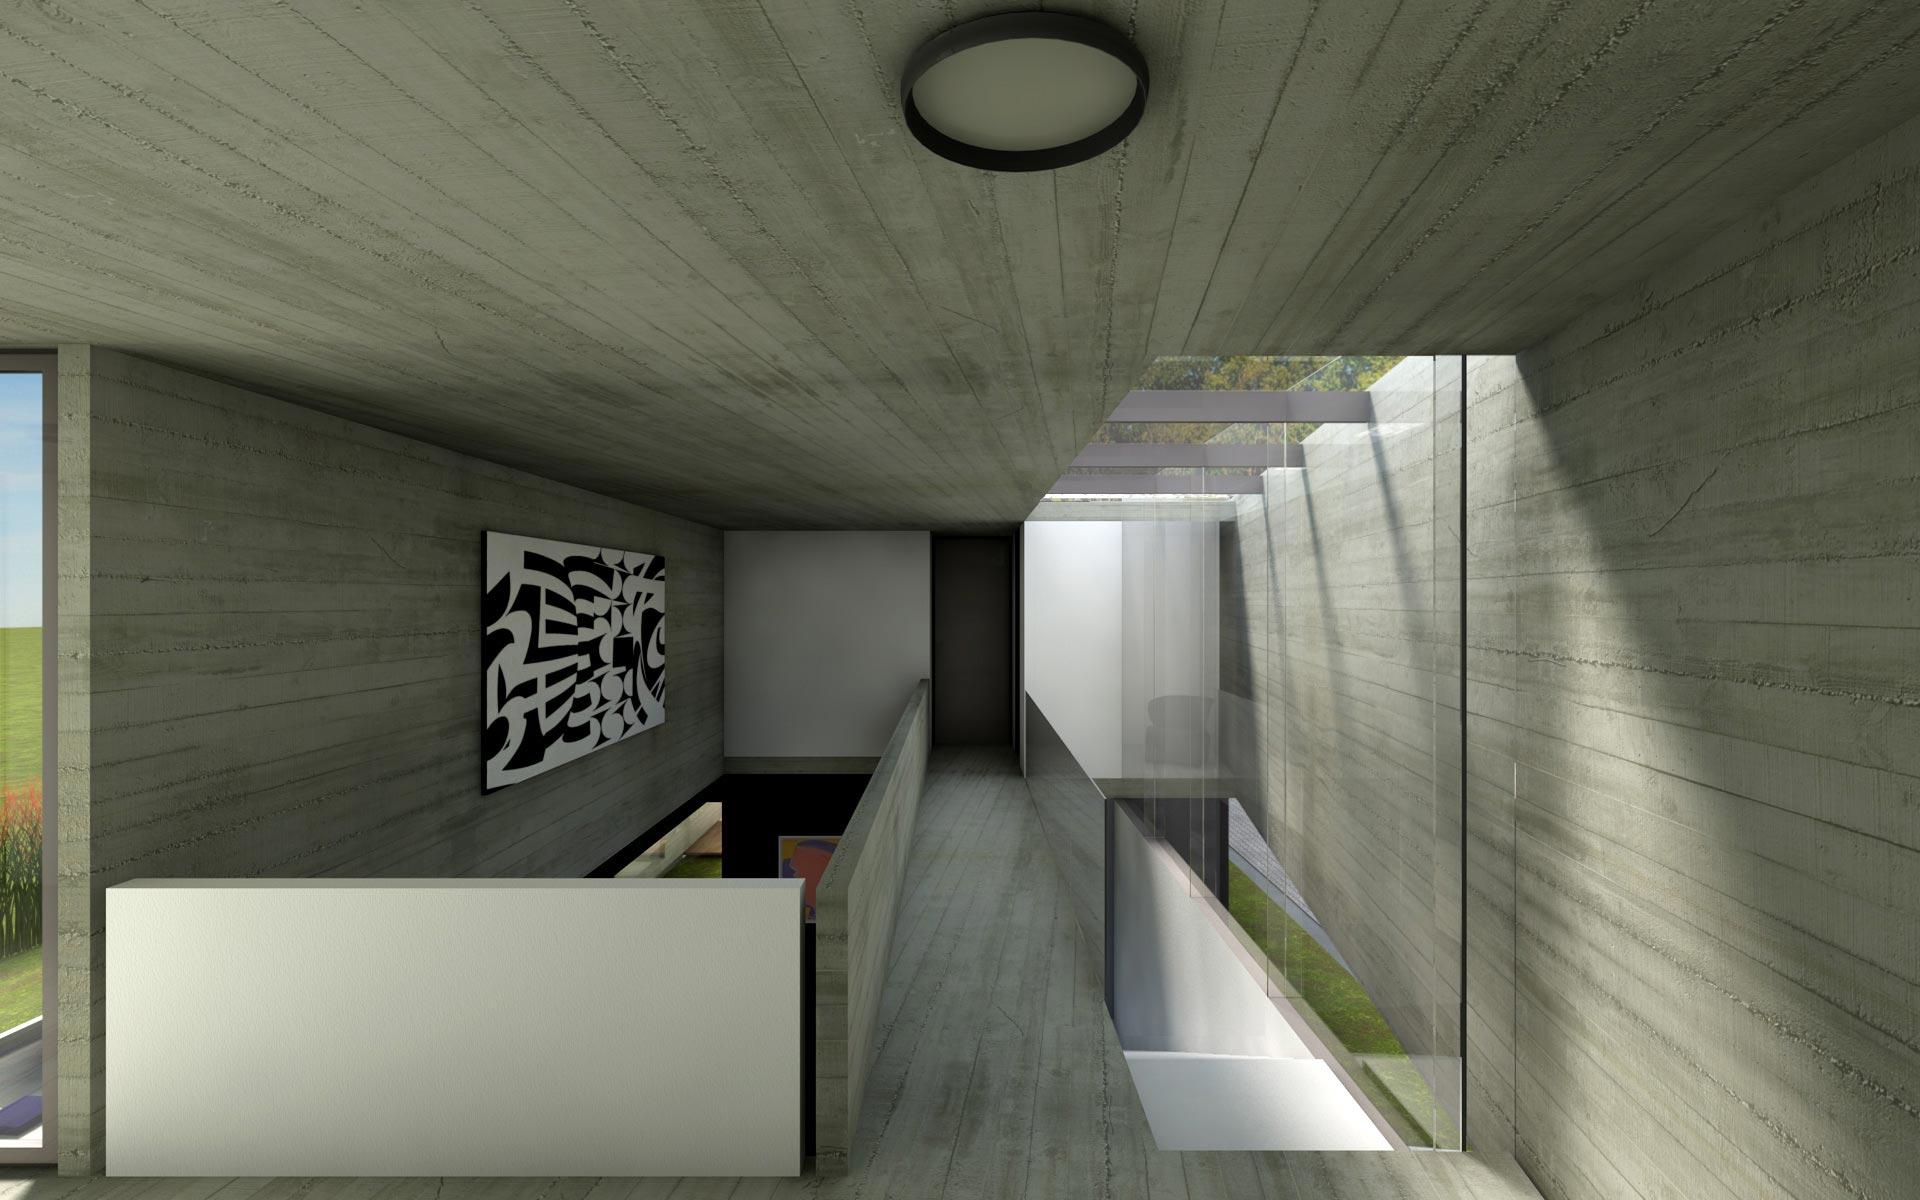 Arquitectura, casa minimalista en barrio cerrado, de hormigón visto, puente y doble altura con techo de vidrio